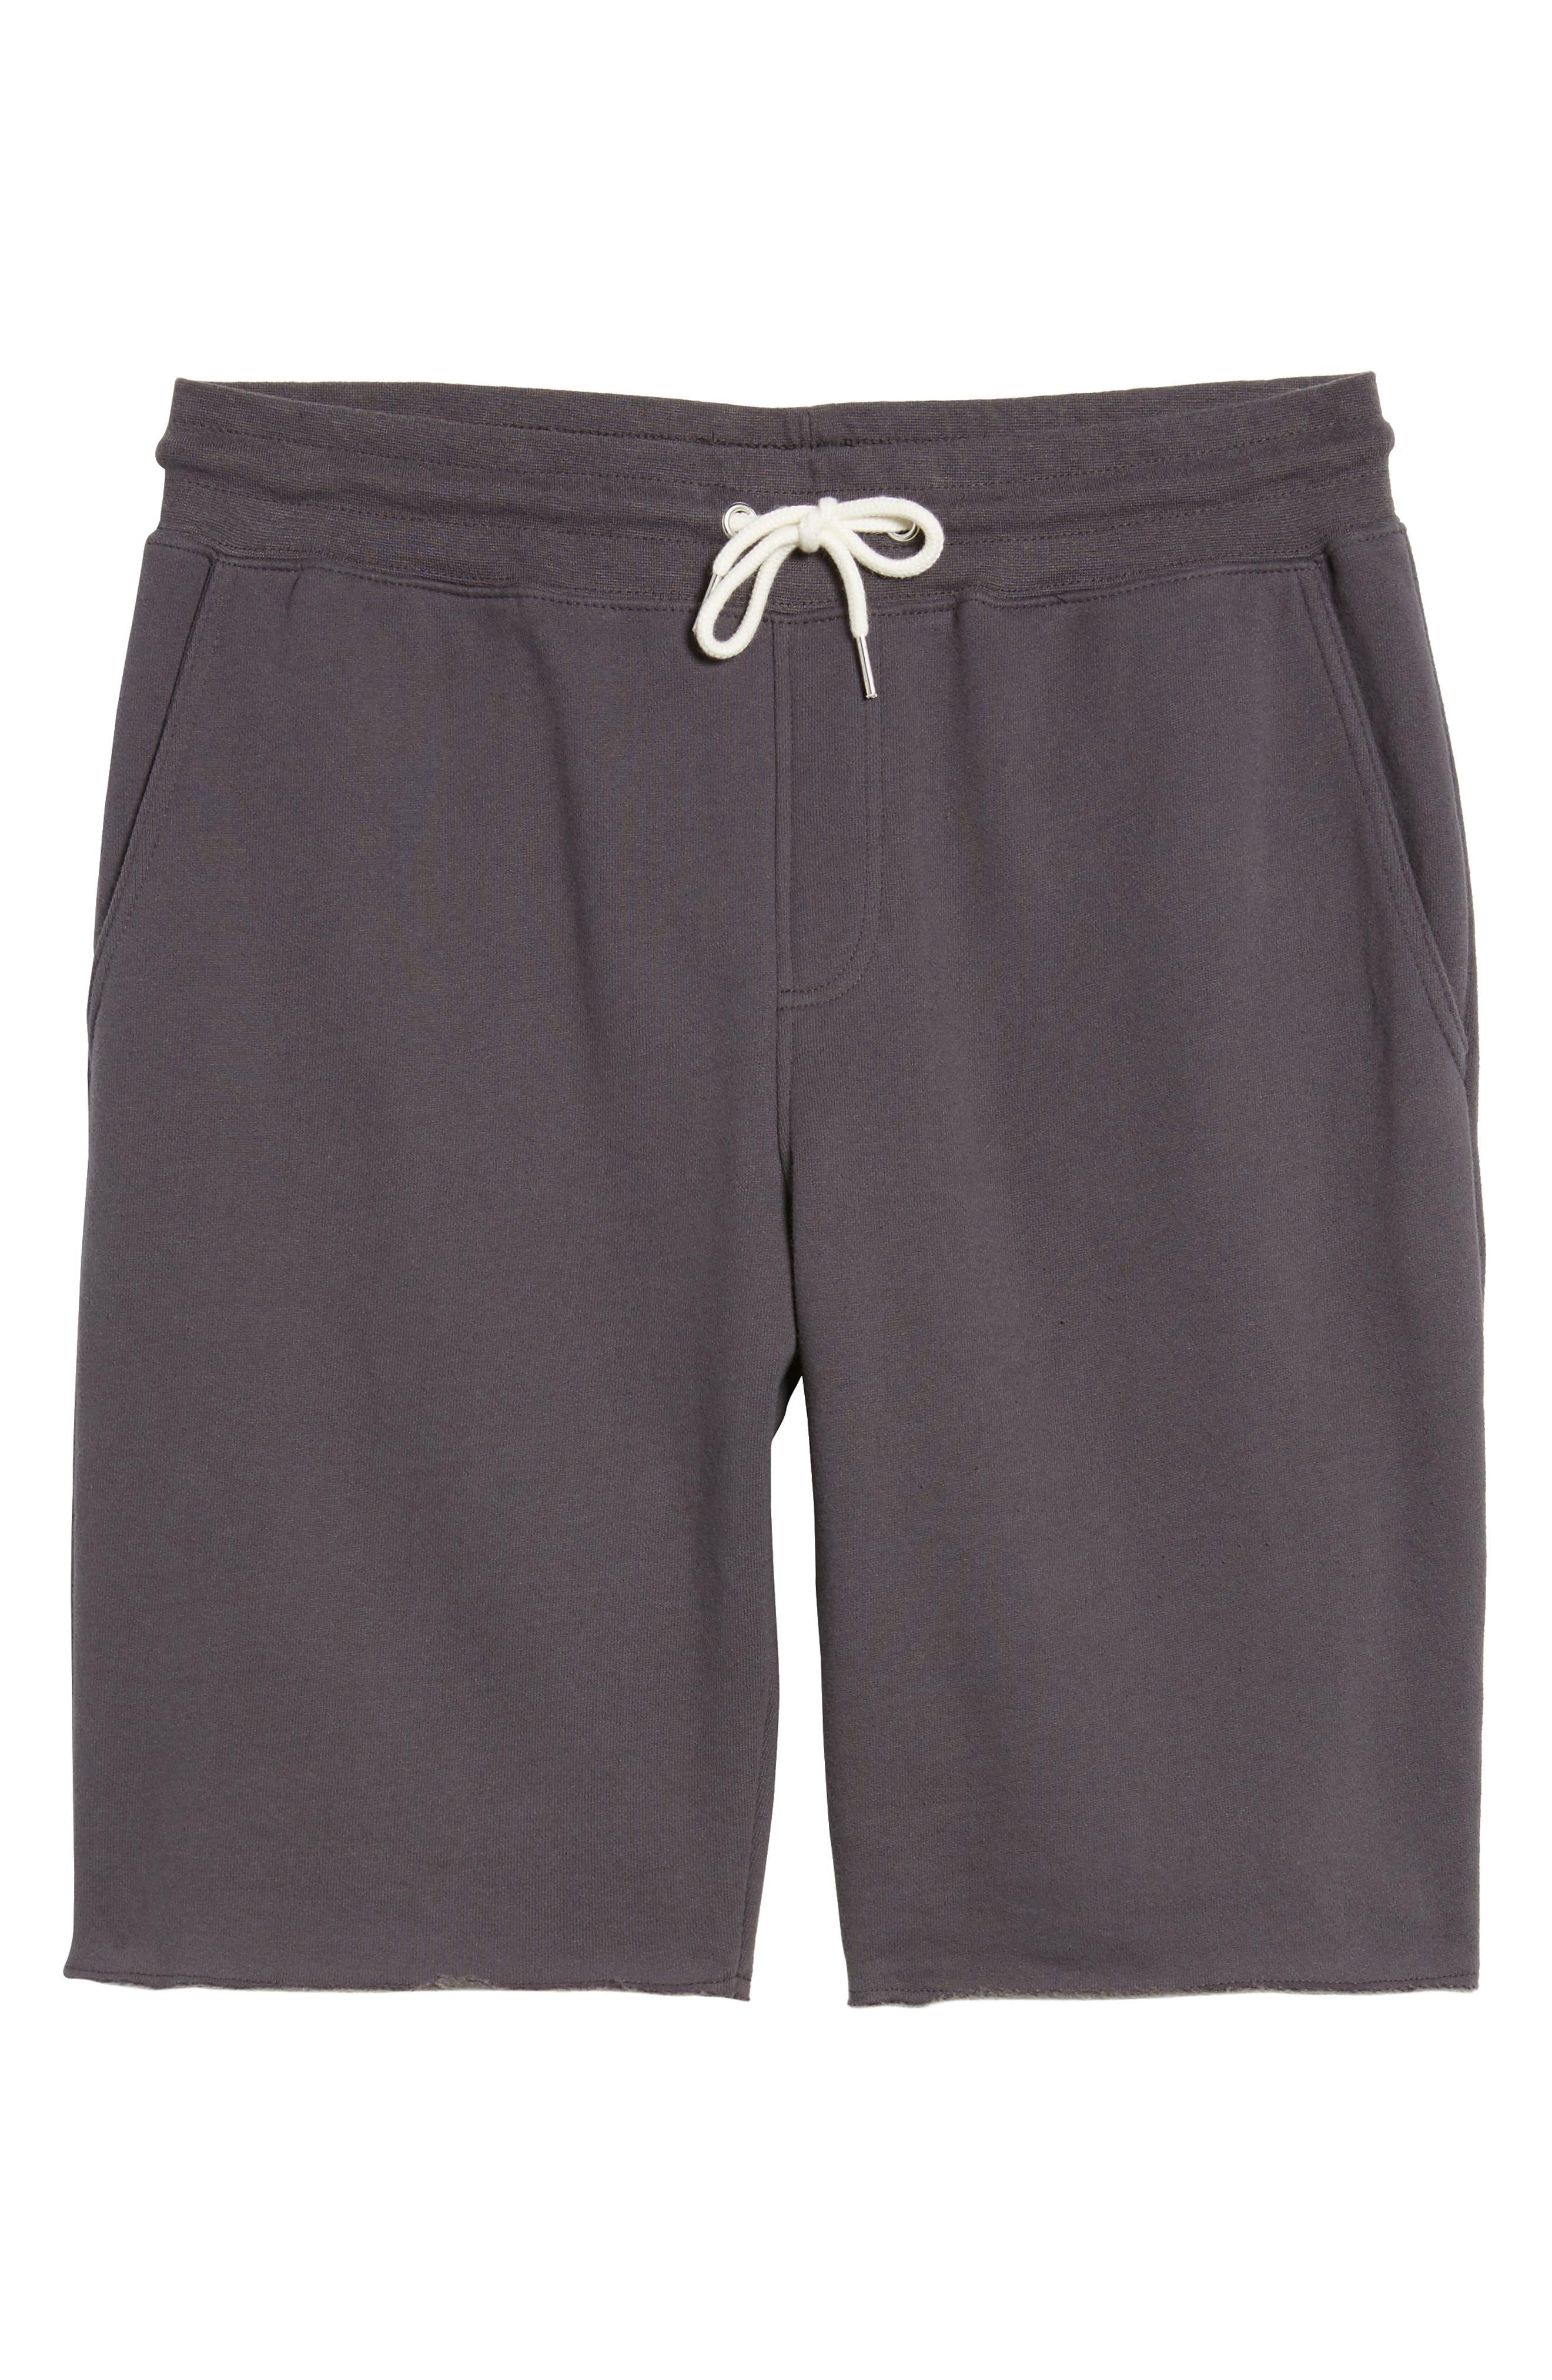 Fleece Shorts,                             Alternate thumbnail 6, color,                             Grey Onyx